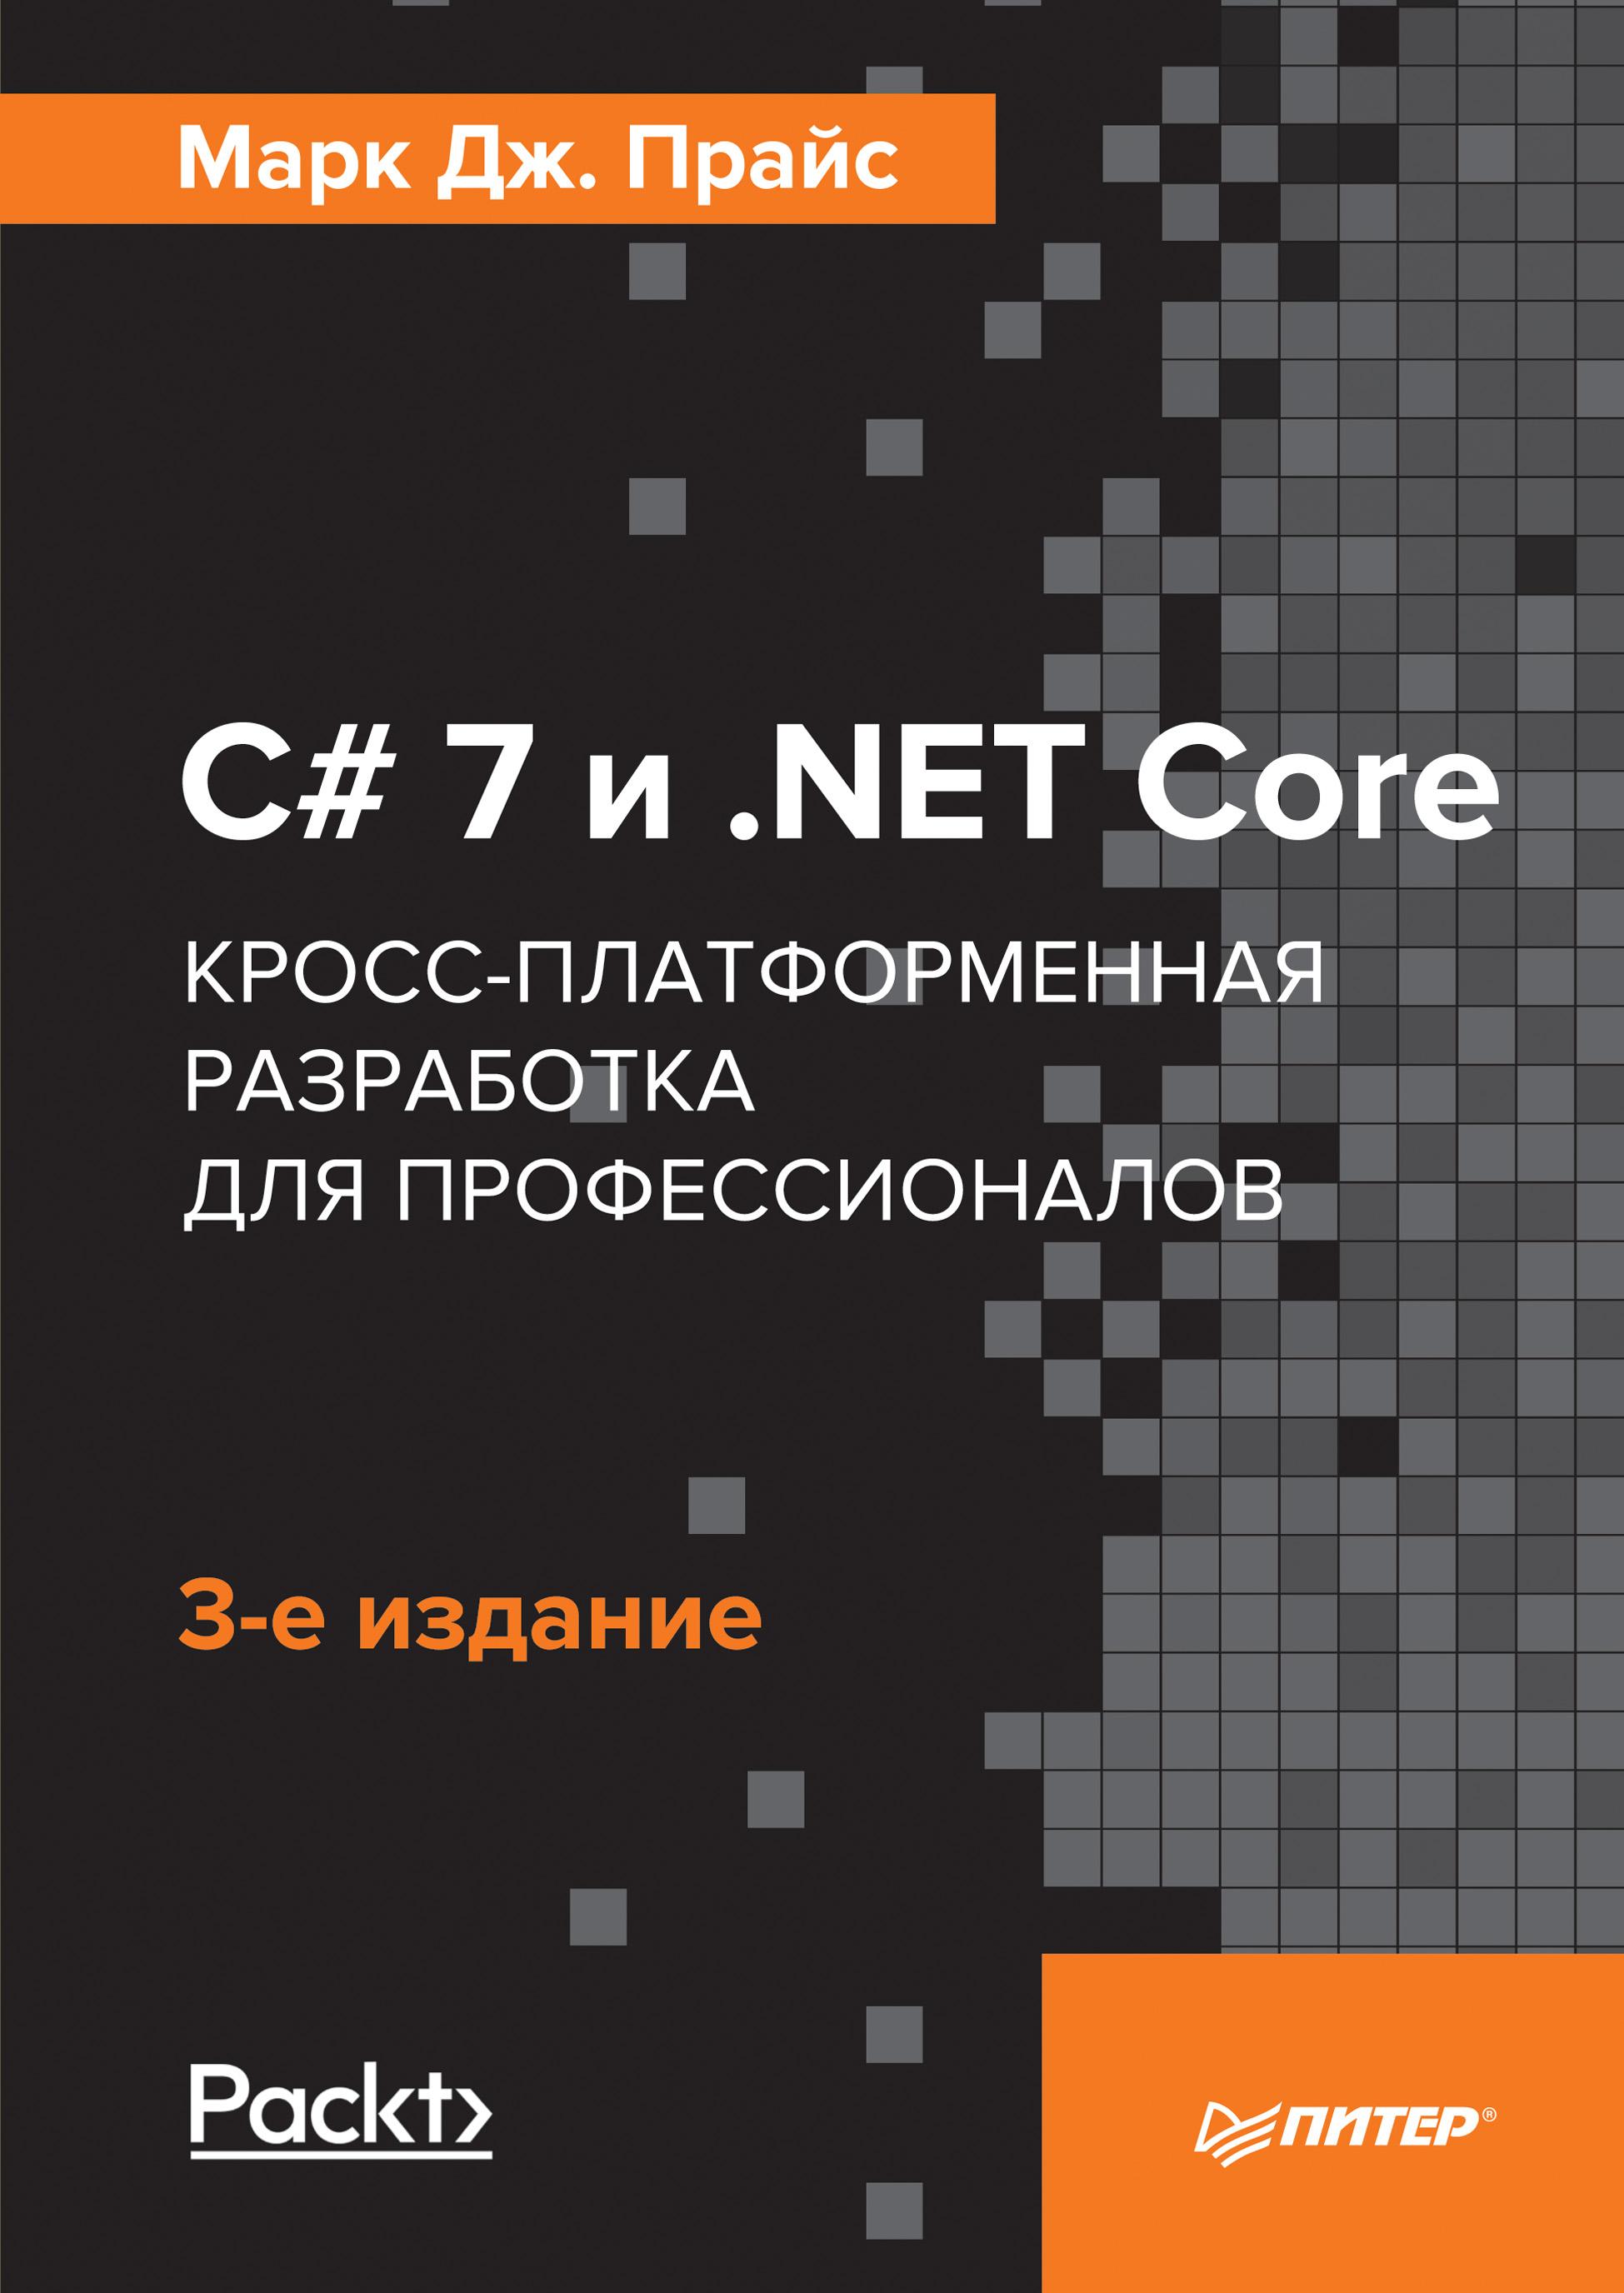 Марк Дж. Прайс C# 7 и .NET Core. Кросс-платформенная разработка для профессионалов все цены